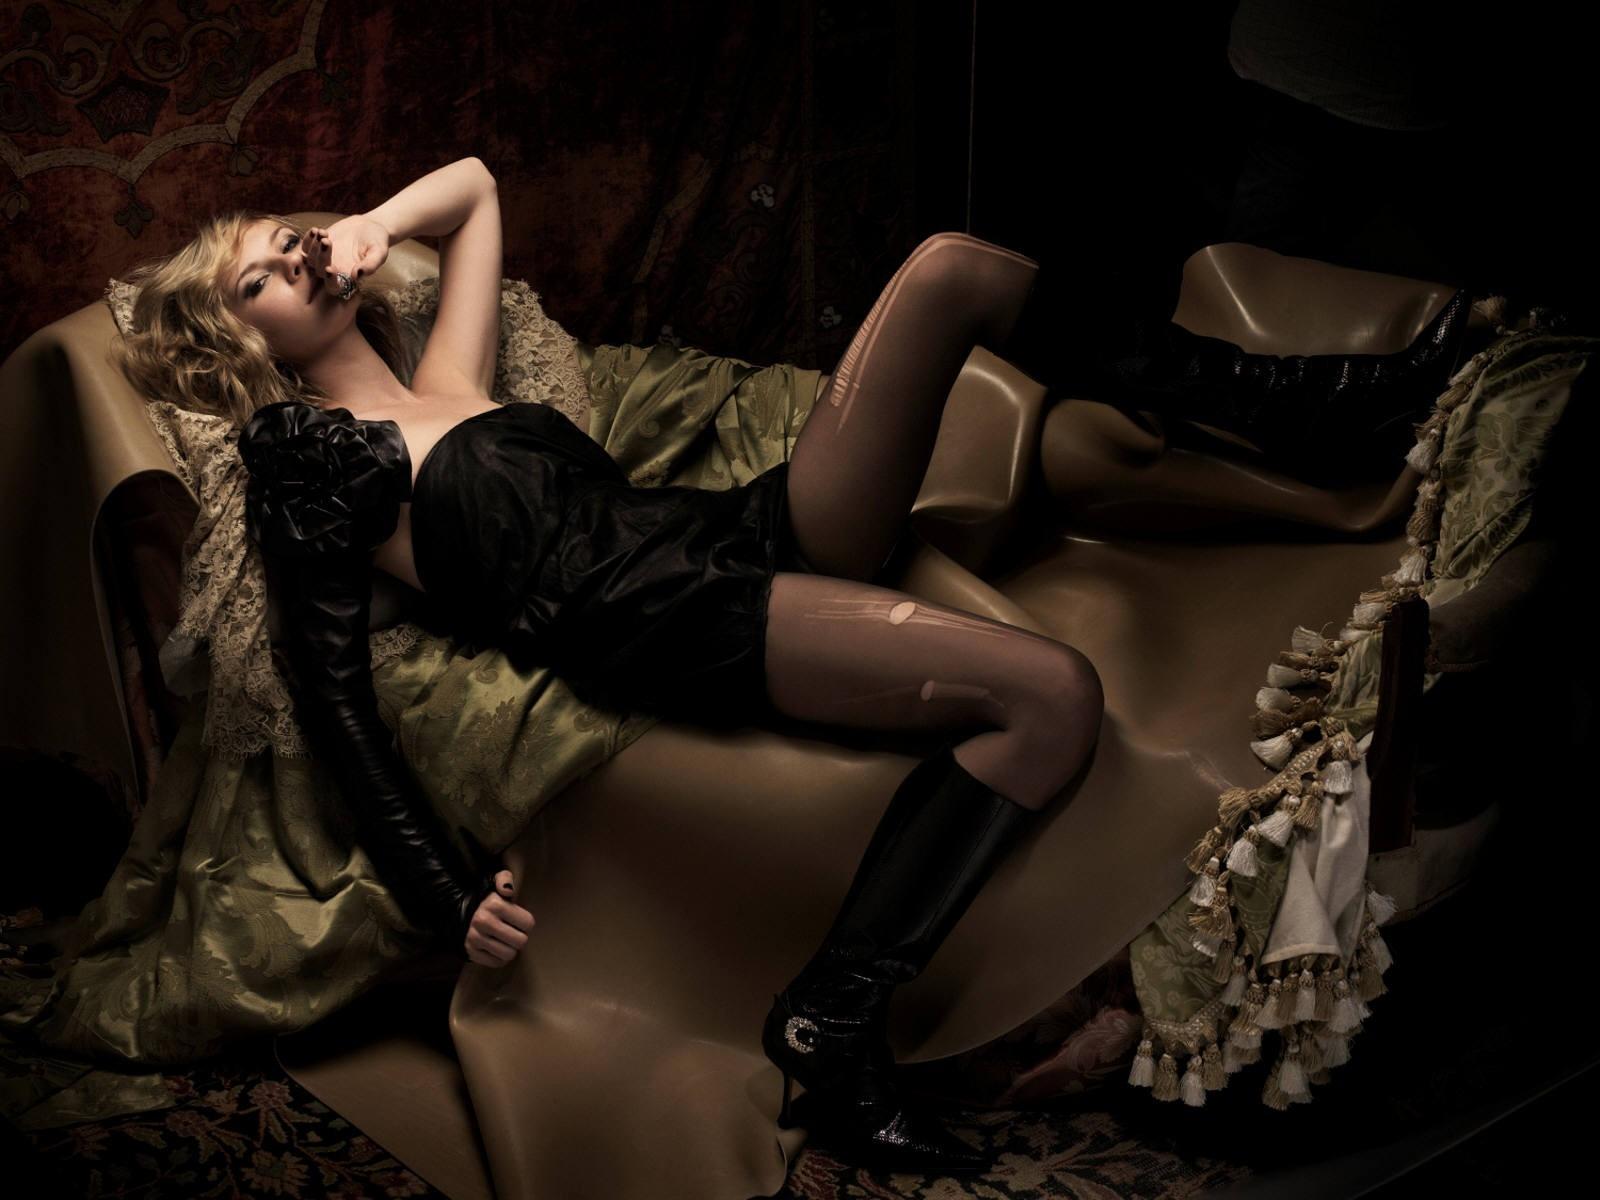 Wallpaper di Kirsten Dunst sensualissima